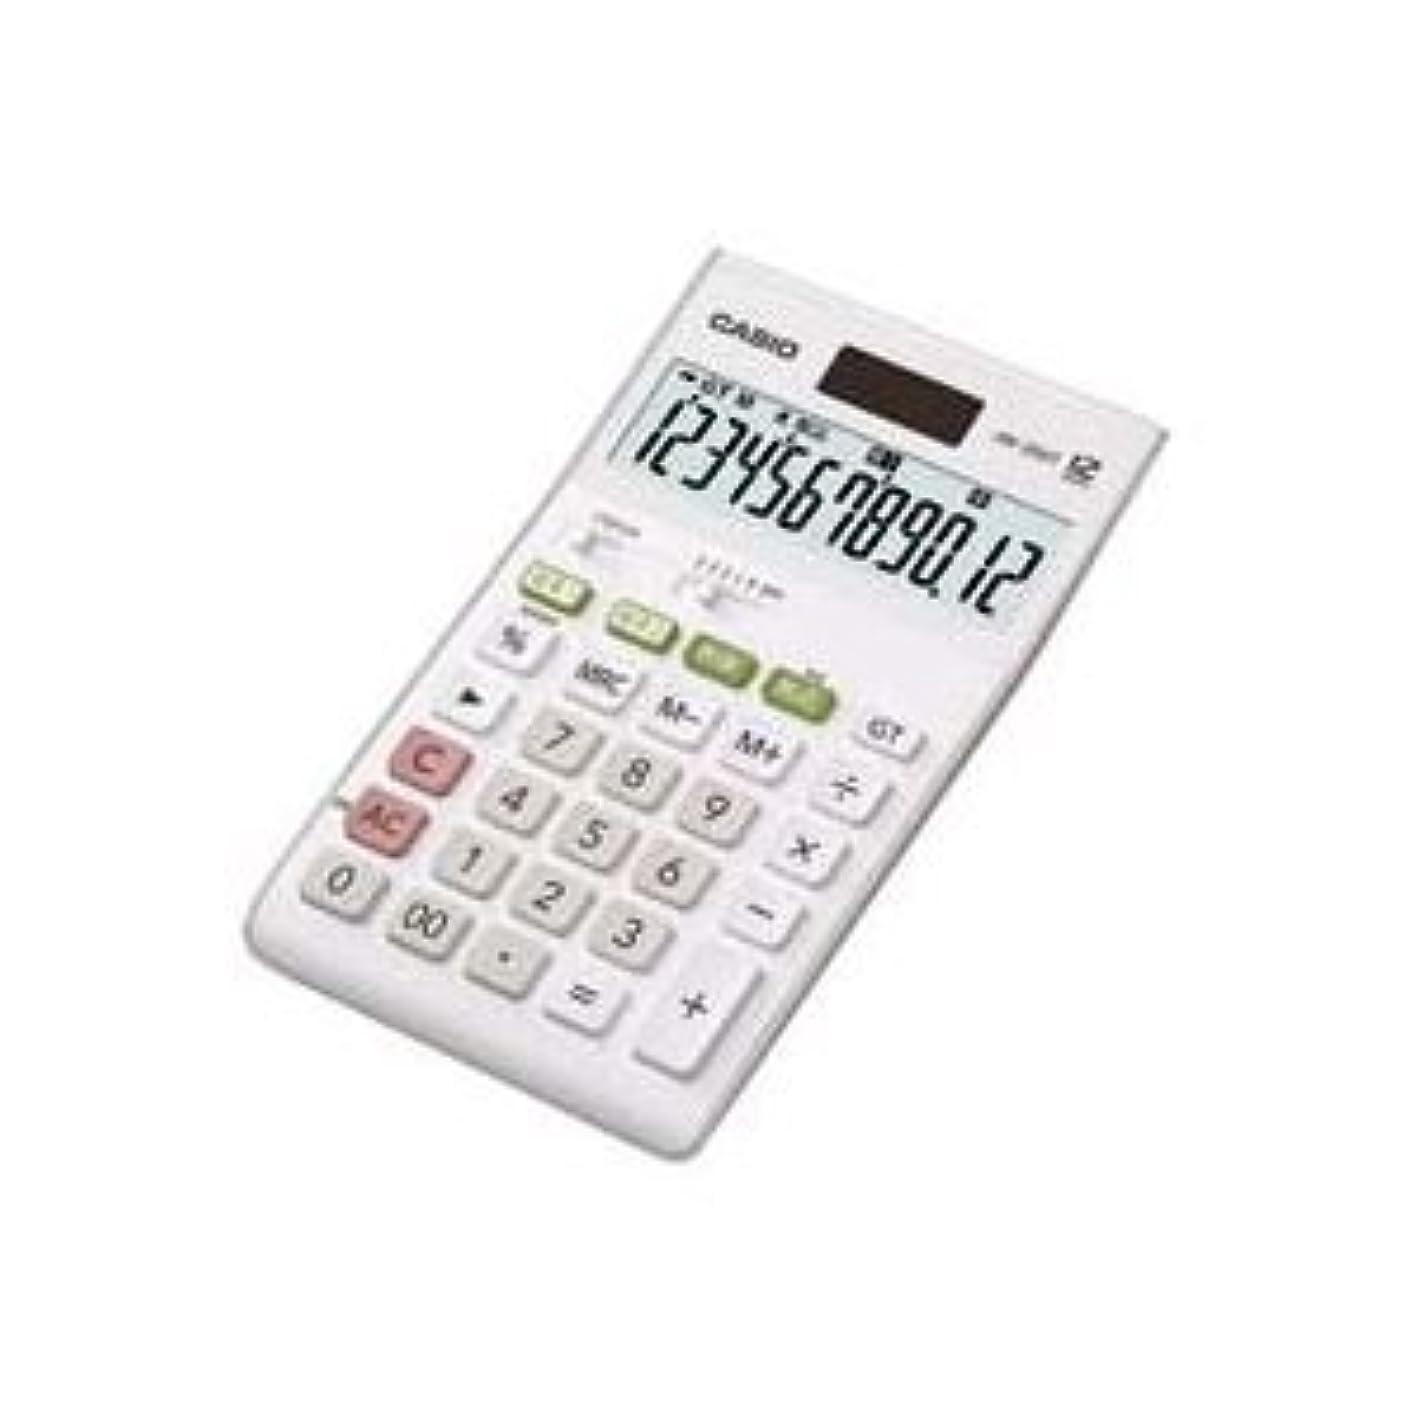 満足放棄されたノート(業務用2セット)カシオ CASIO W税率電卓ジャストサイズ12桁 JW-200T-N [簡易パッケージ品]